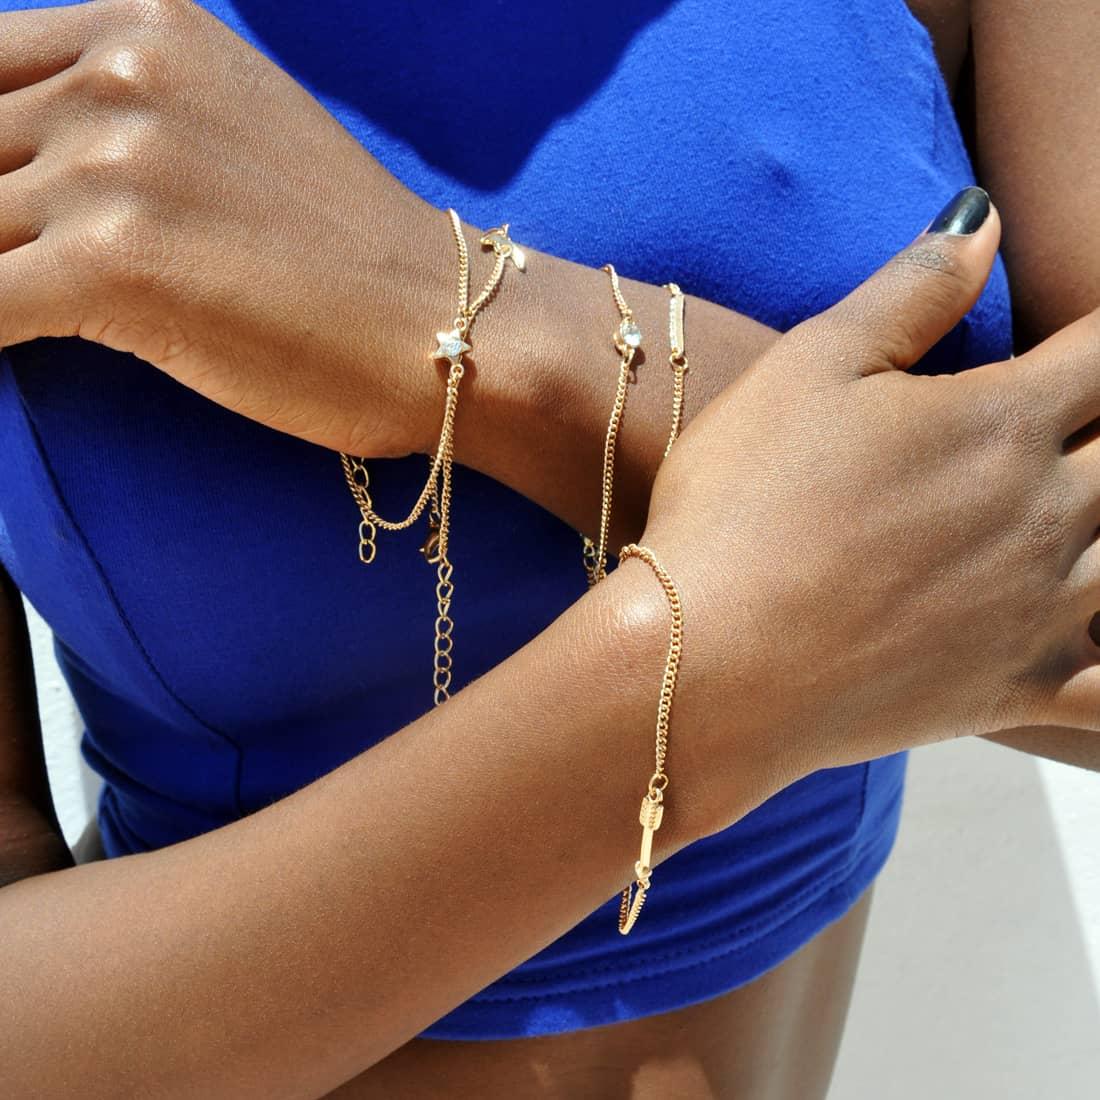 M0327 gold8 Jewelry Sets Bracelets maureens.com boutique